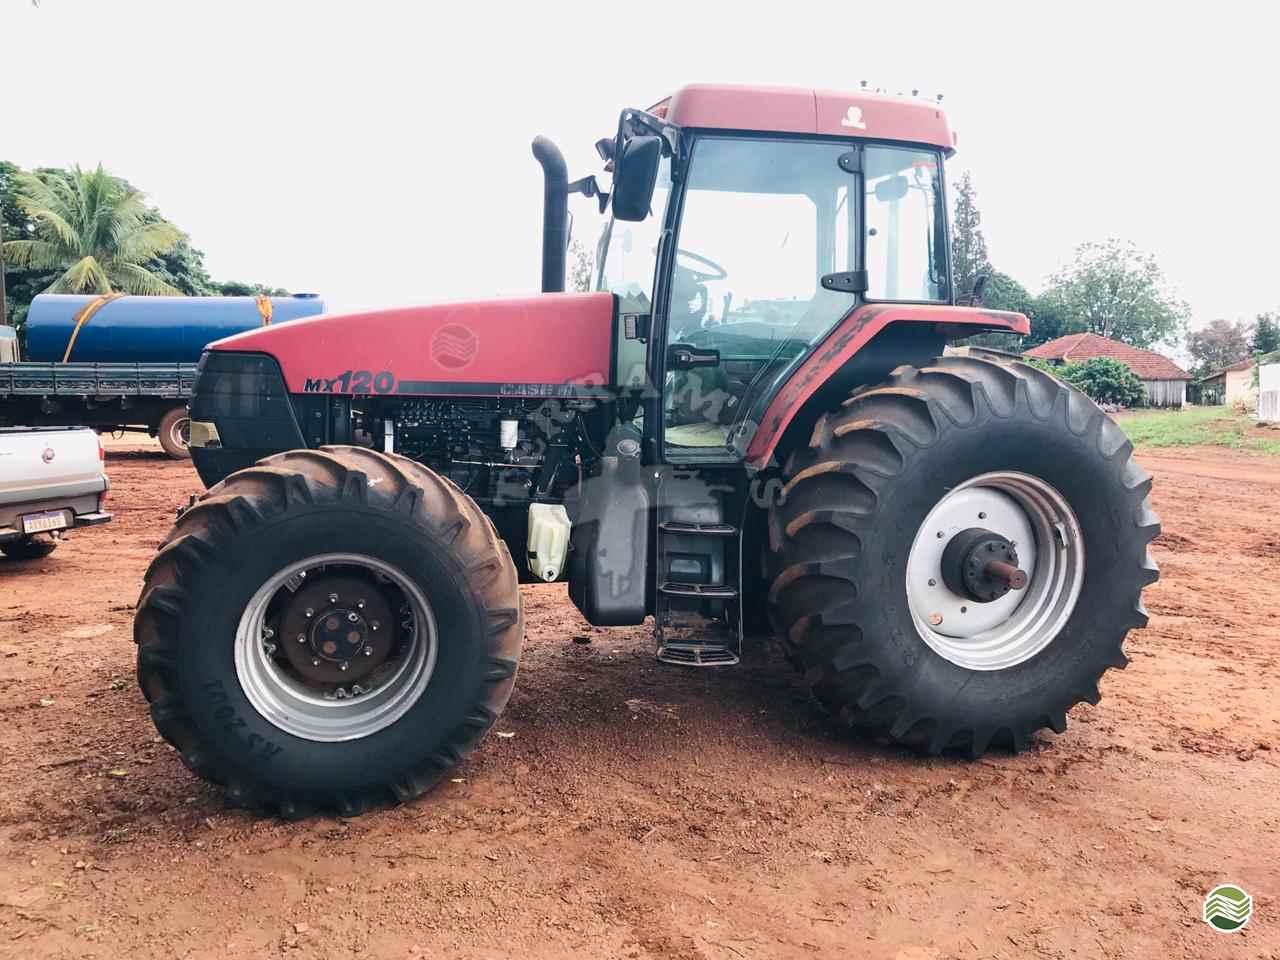 TRATOR CASE CASE MX 120 Tração 4x4 Terra Mais Implementos Agrícolas TOLEDO PARANÁ PR